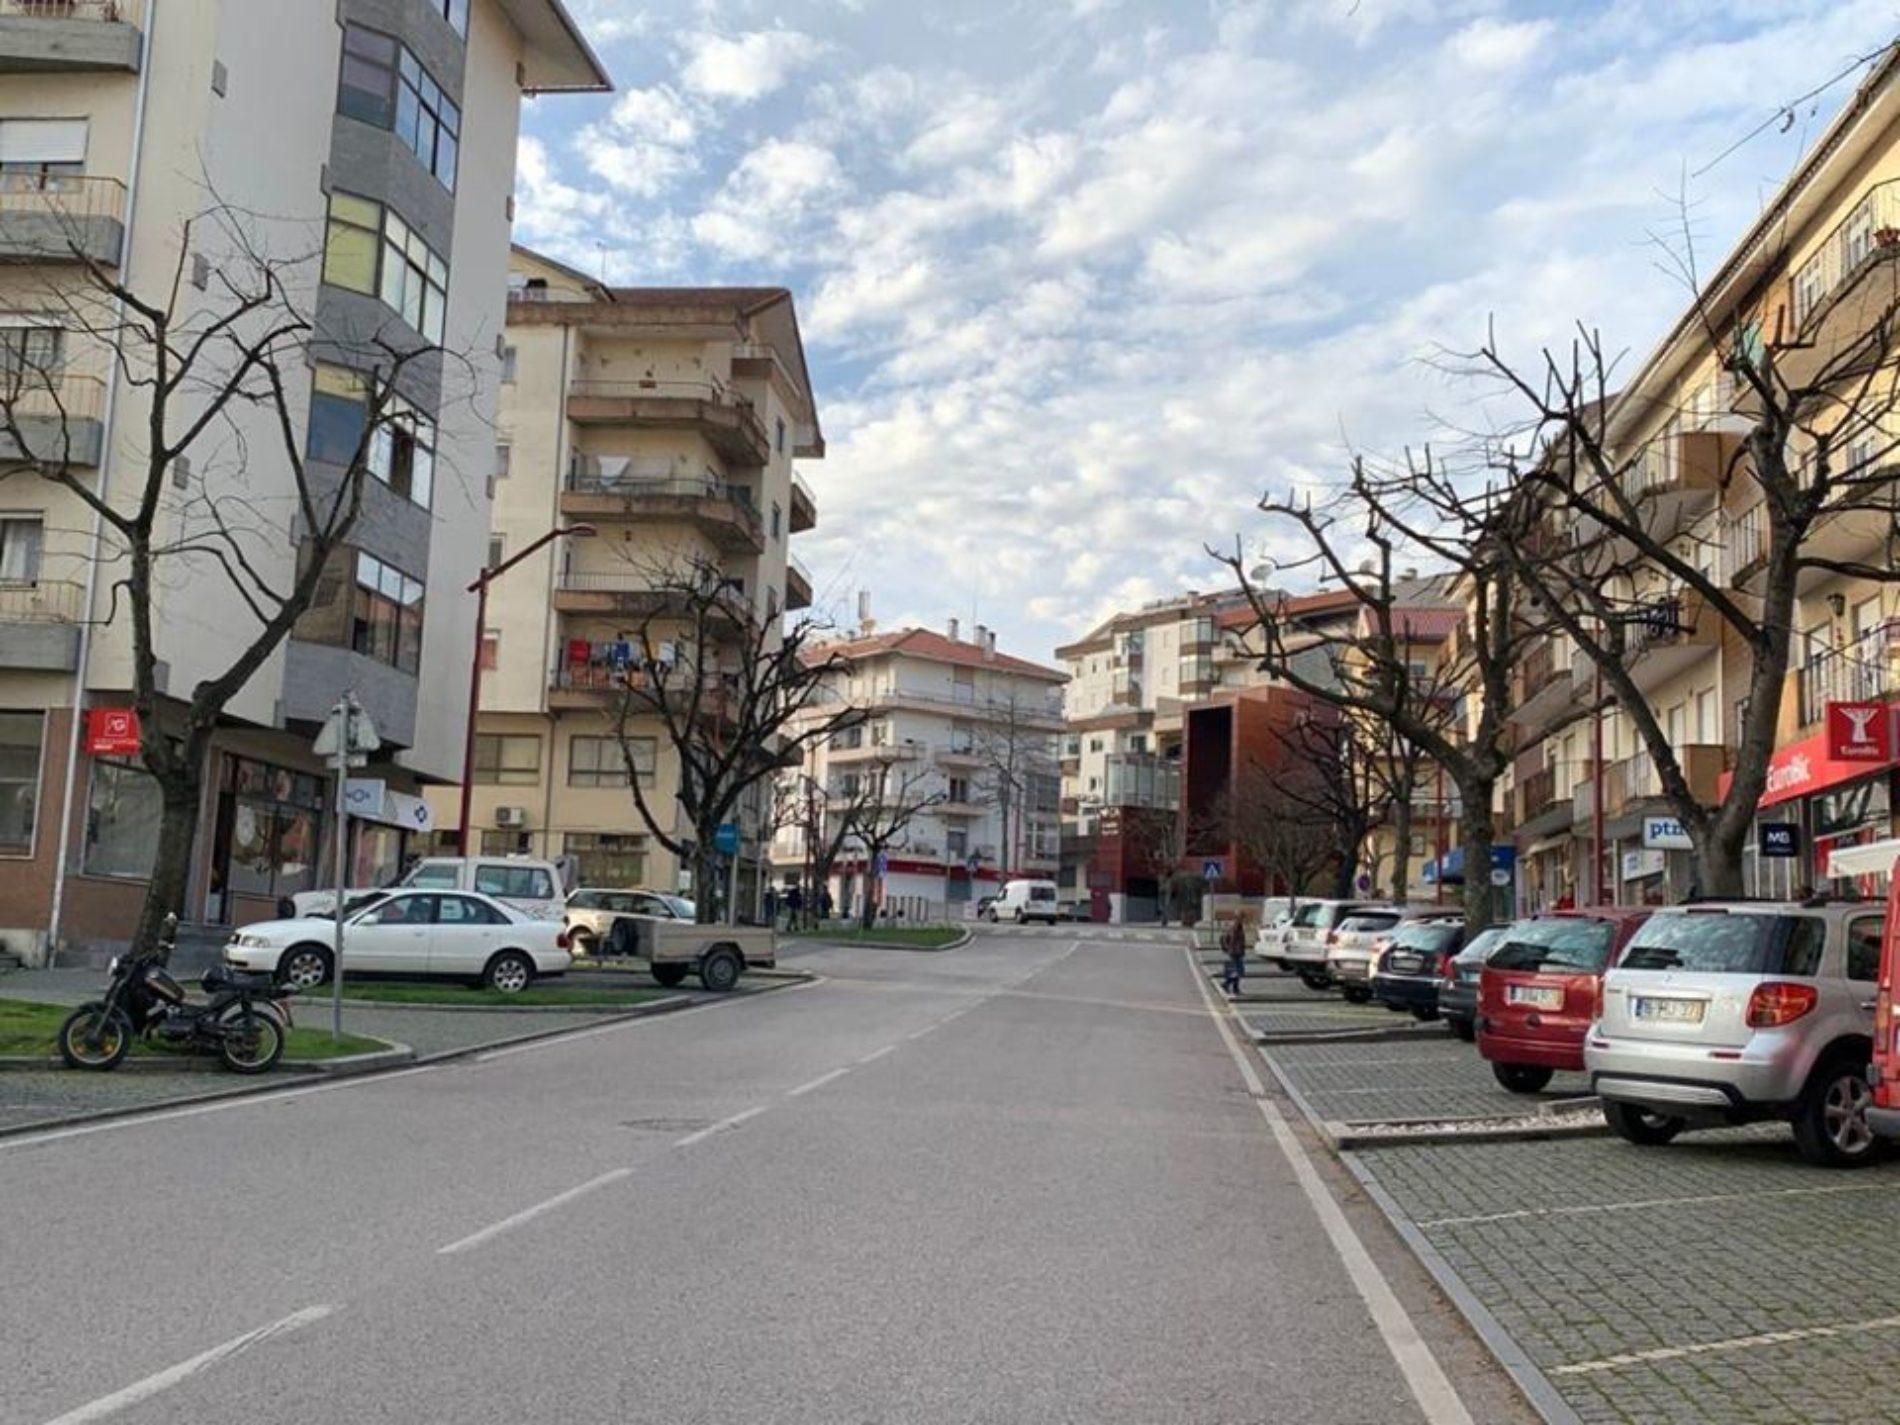 Concluídos trabalhos de podas de árvores na cidade de Oliveira do Hospital